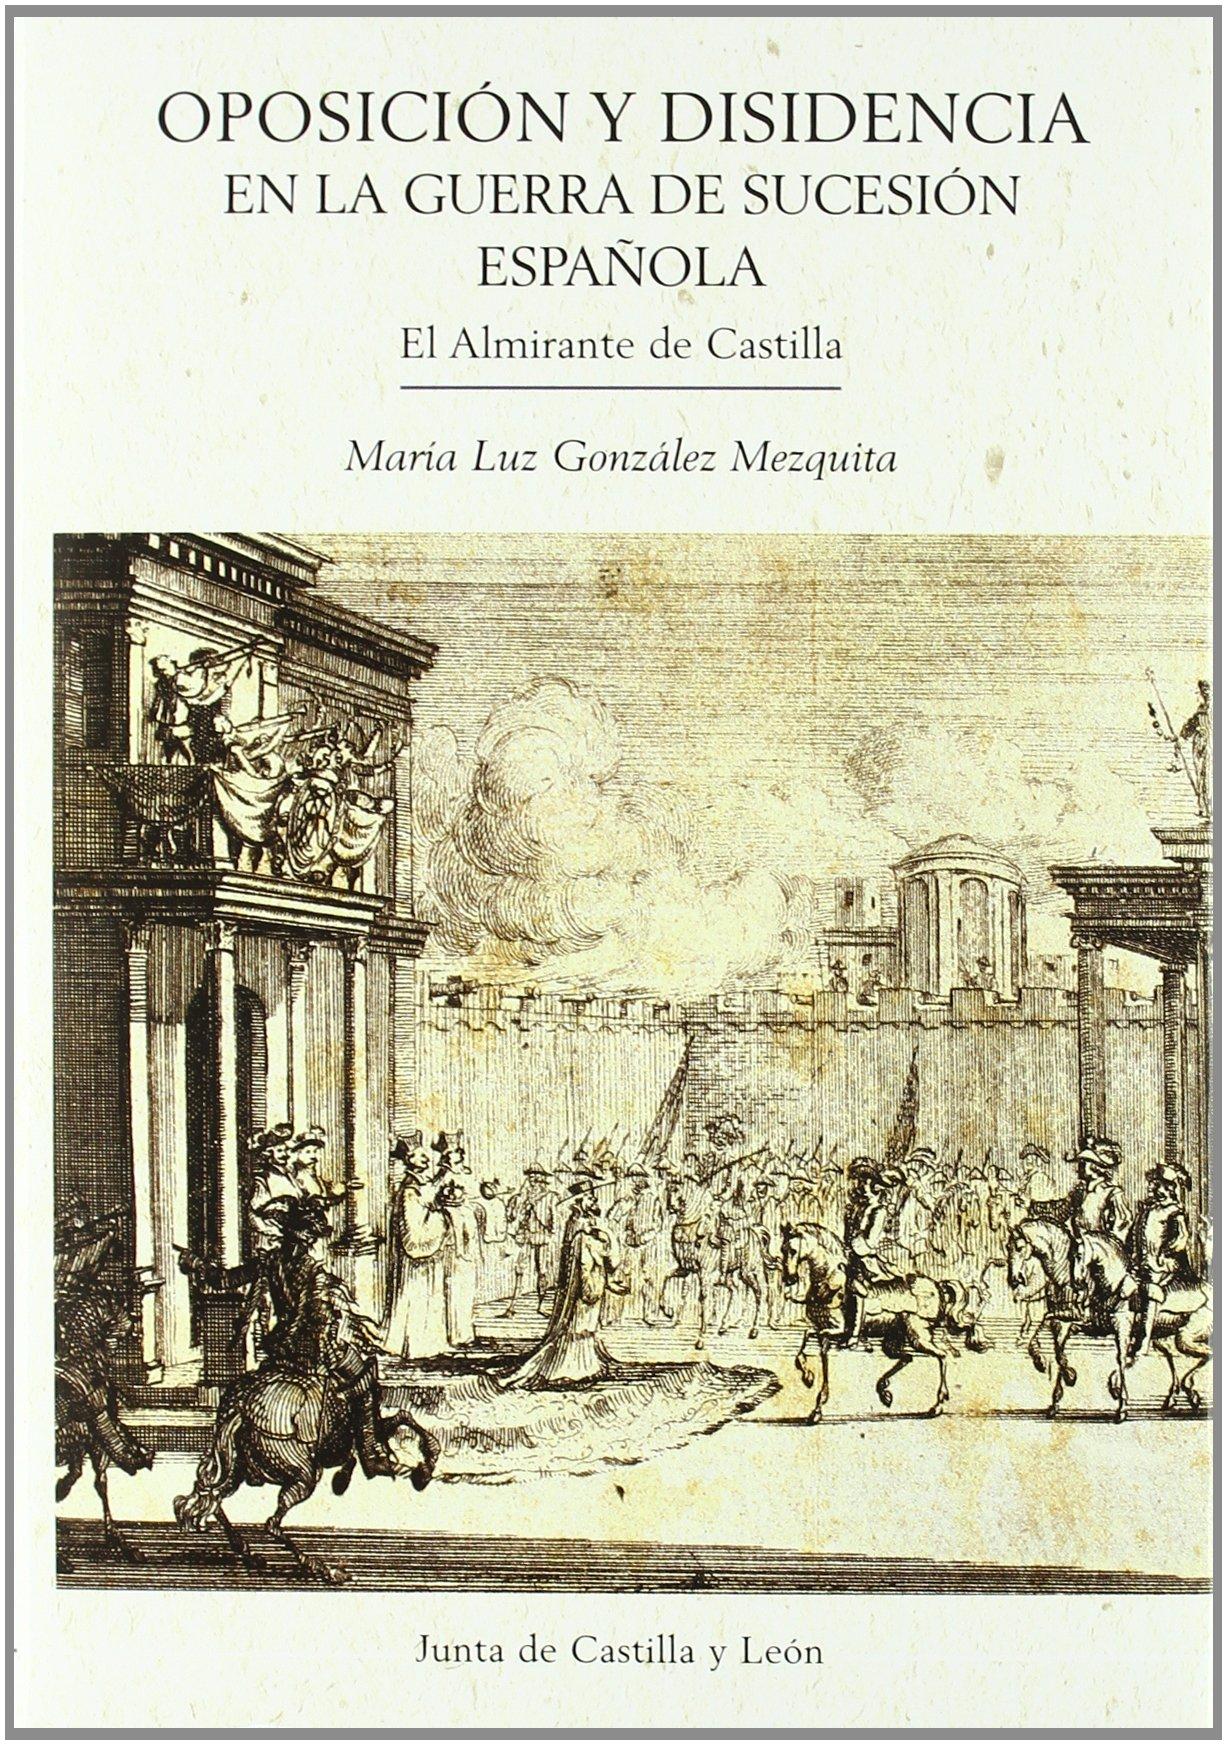 OPOSICION Y DISIDENCIA GUERRA SUCESION ESPAÑOLA: Amazon.es: GONZALEZ,MARIA LUZ: Libros